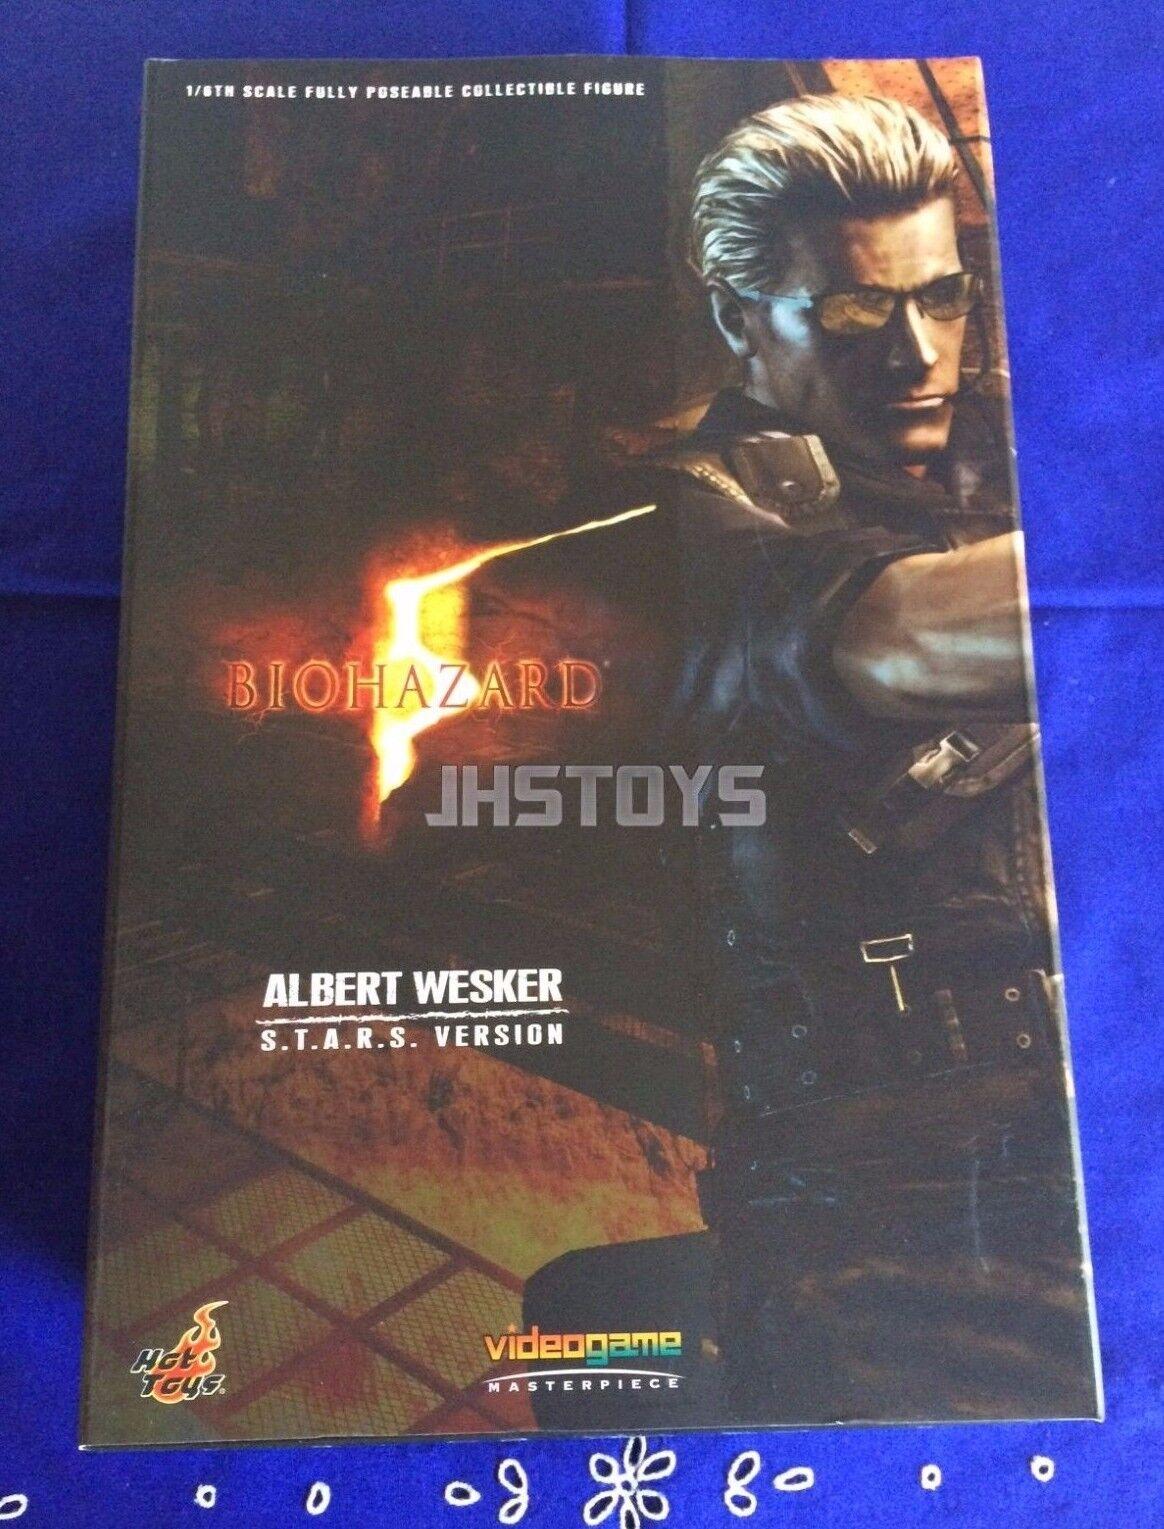 heta leksaker 1  6 Boende Evil Biofaro 5 Albert Wesker stjärnaS Version VGM10